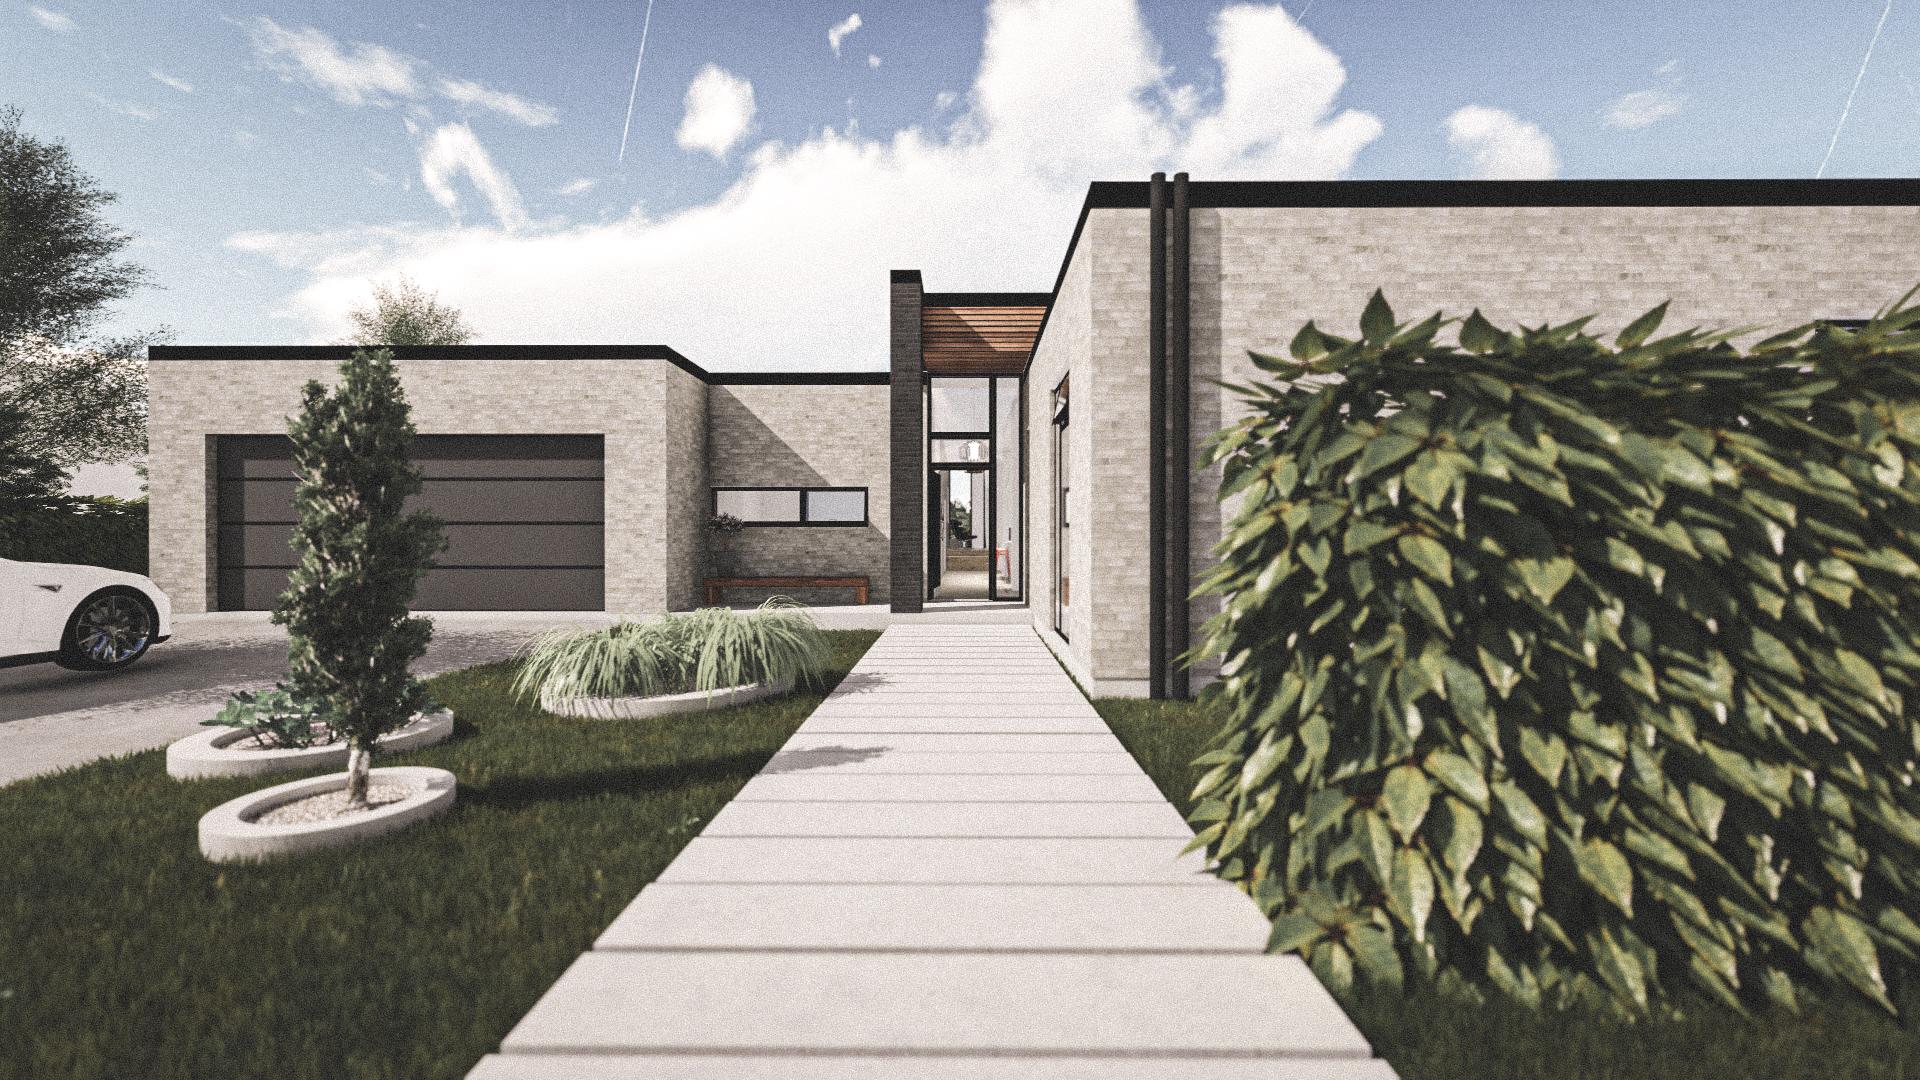 Billede af Dansk arkitekttegnet 1 plan villa af arkitektfirmaet m2plus, i Fredericia på 223 kvartratmeter.